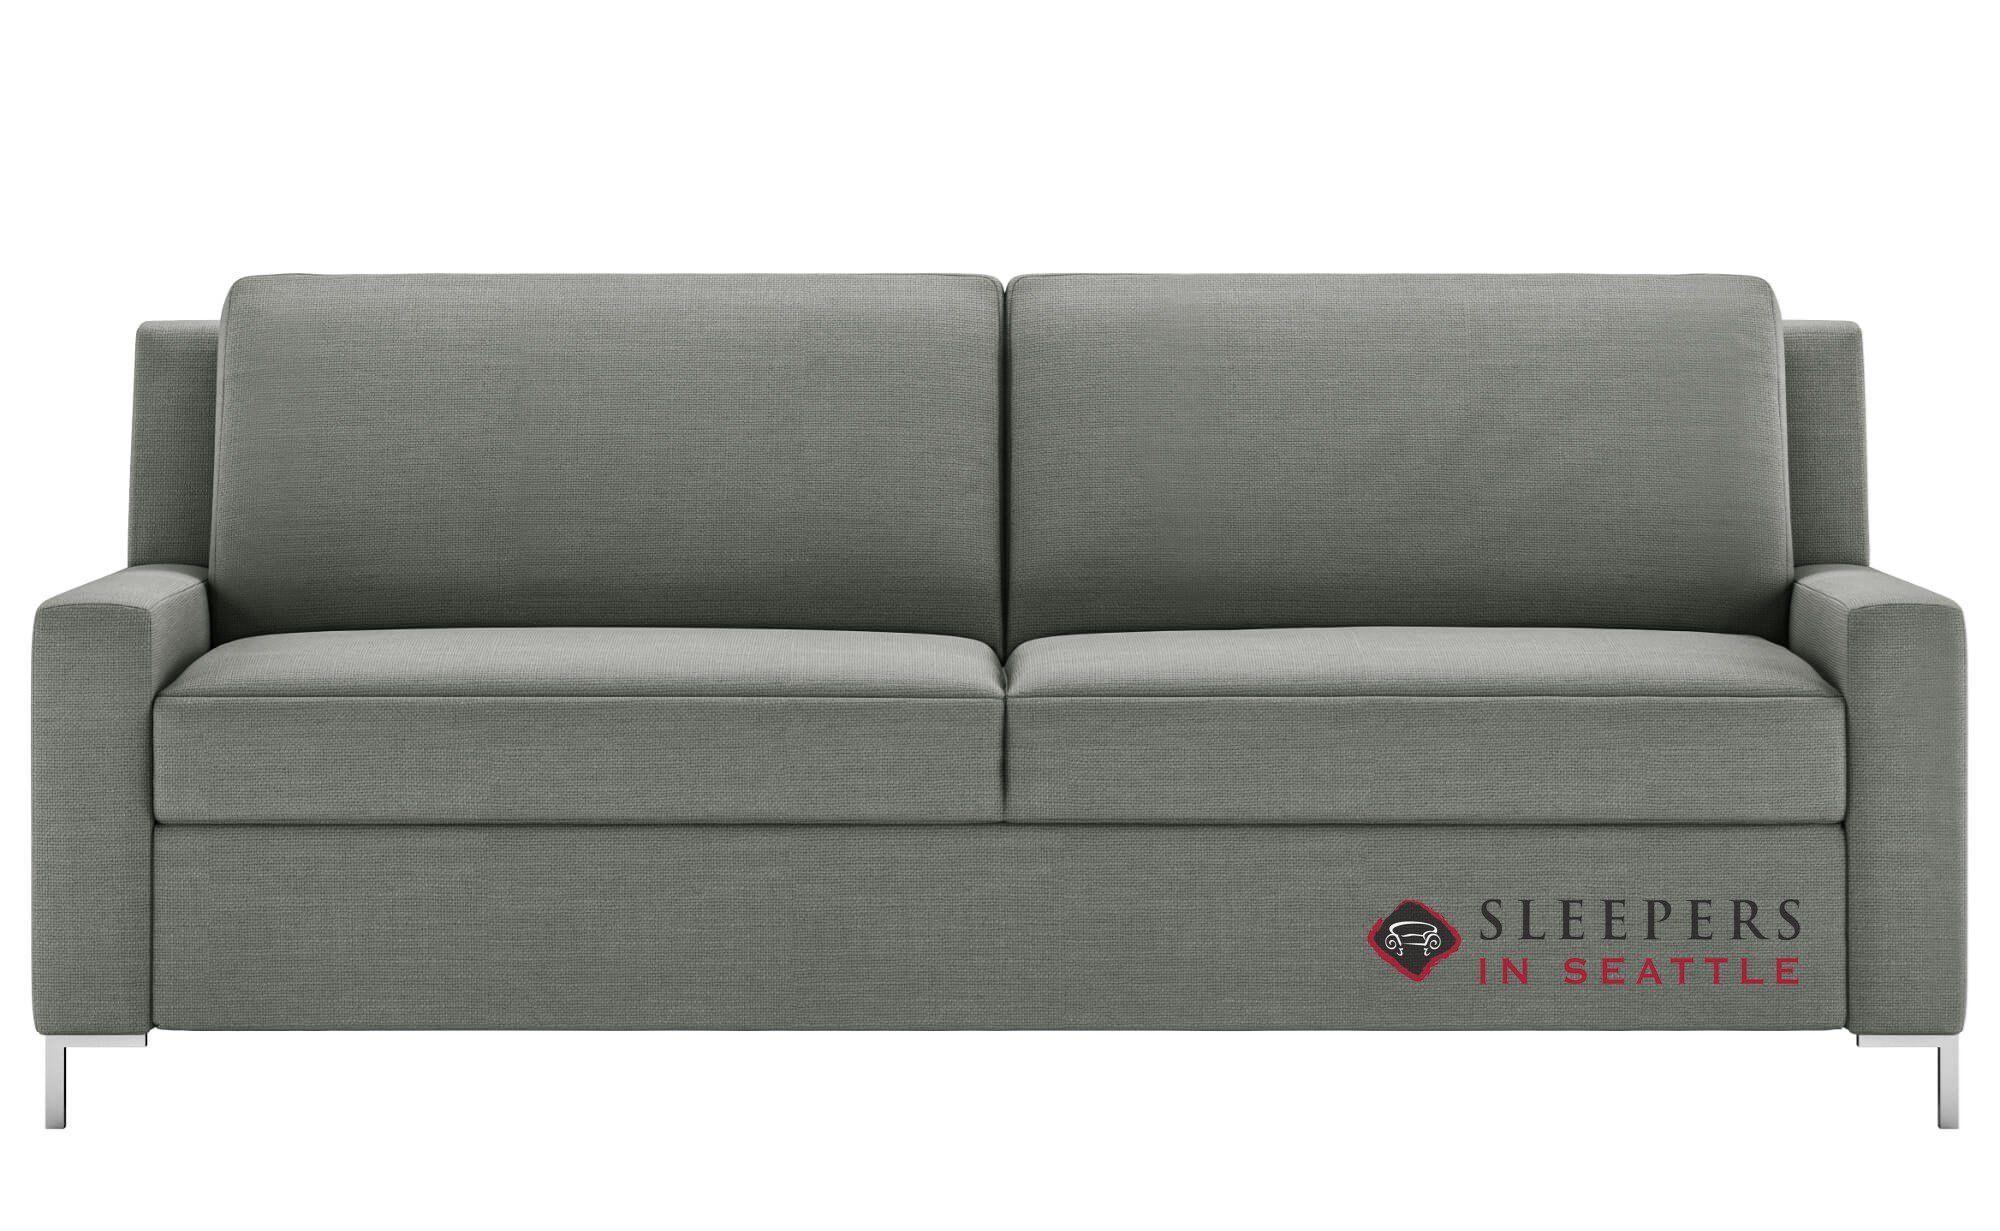 Full Size of Sofa Sectional Schlafsofa Knigin Cabrio Bett Doppelbett Poco Schrank Betten Mit Aufbewahrung Holz De Test Bettkasten 180x200 Japanisches 120x200 200x200 Bett Bett Ausklappbar